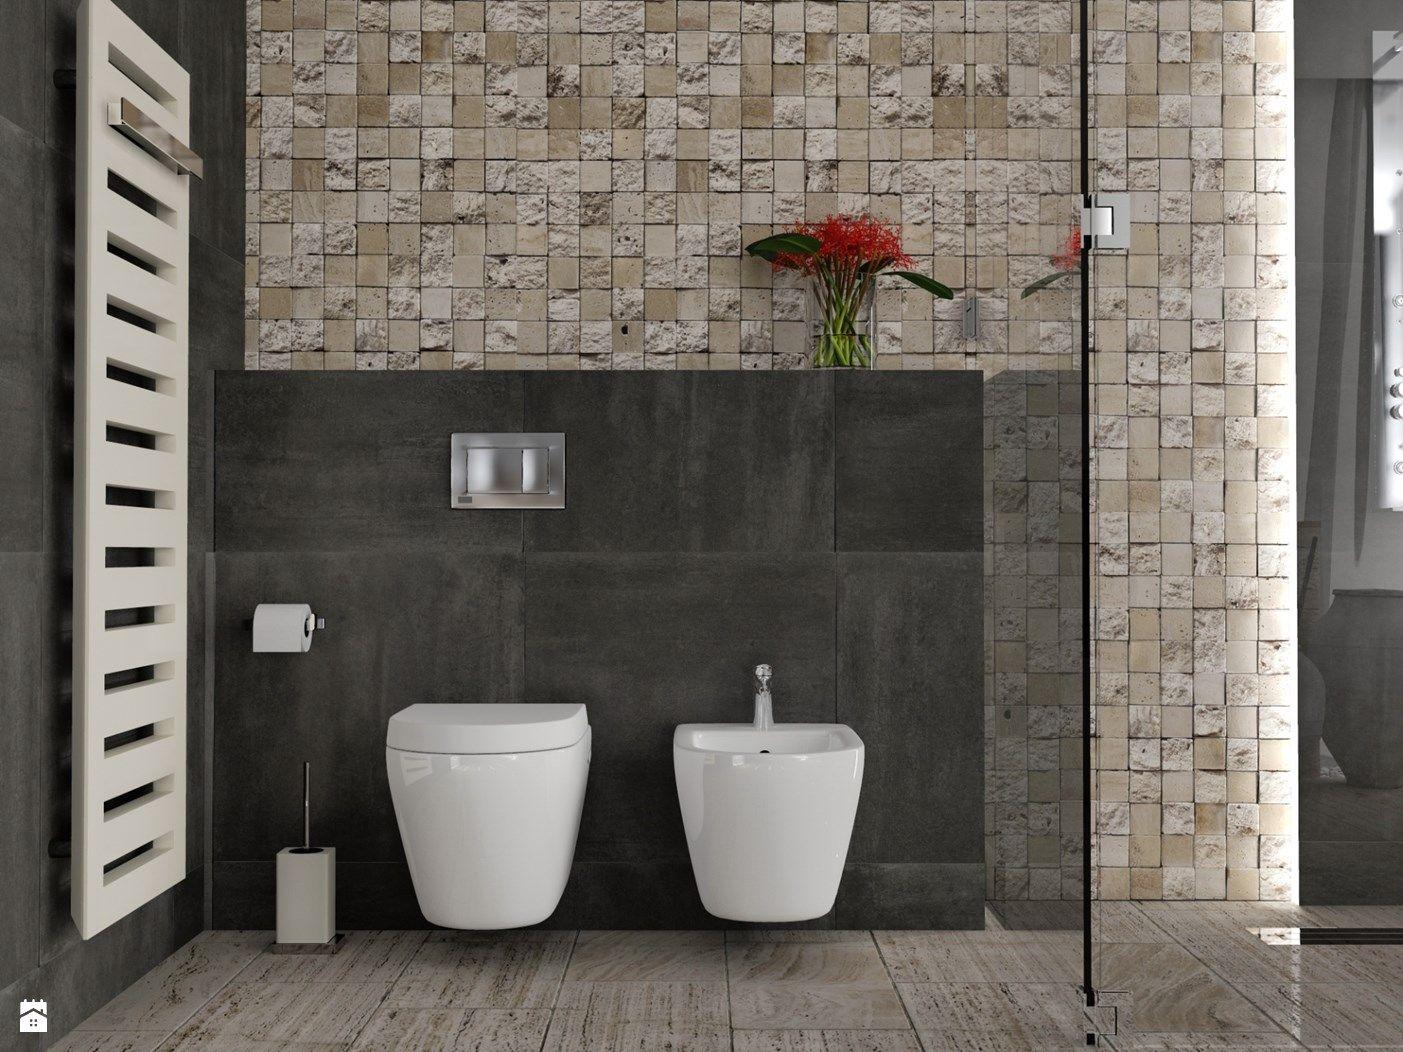 Home interior design kurs kurs  archicad  artlantis  wykonanie wizualizacji łazienki